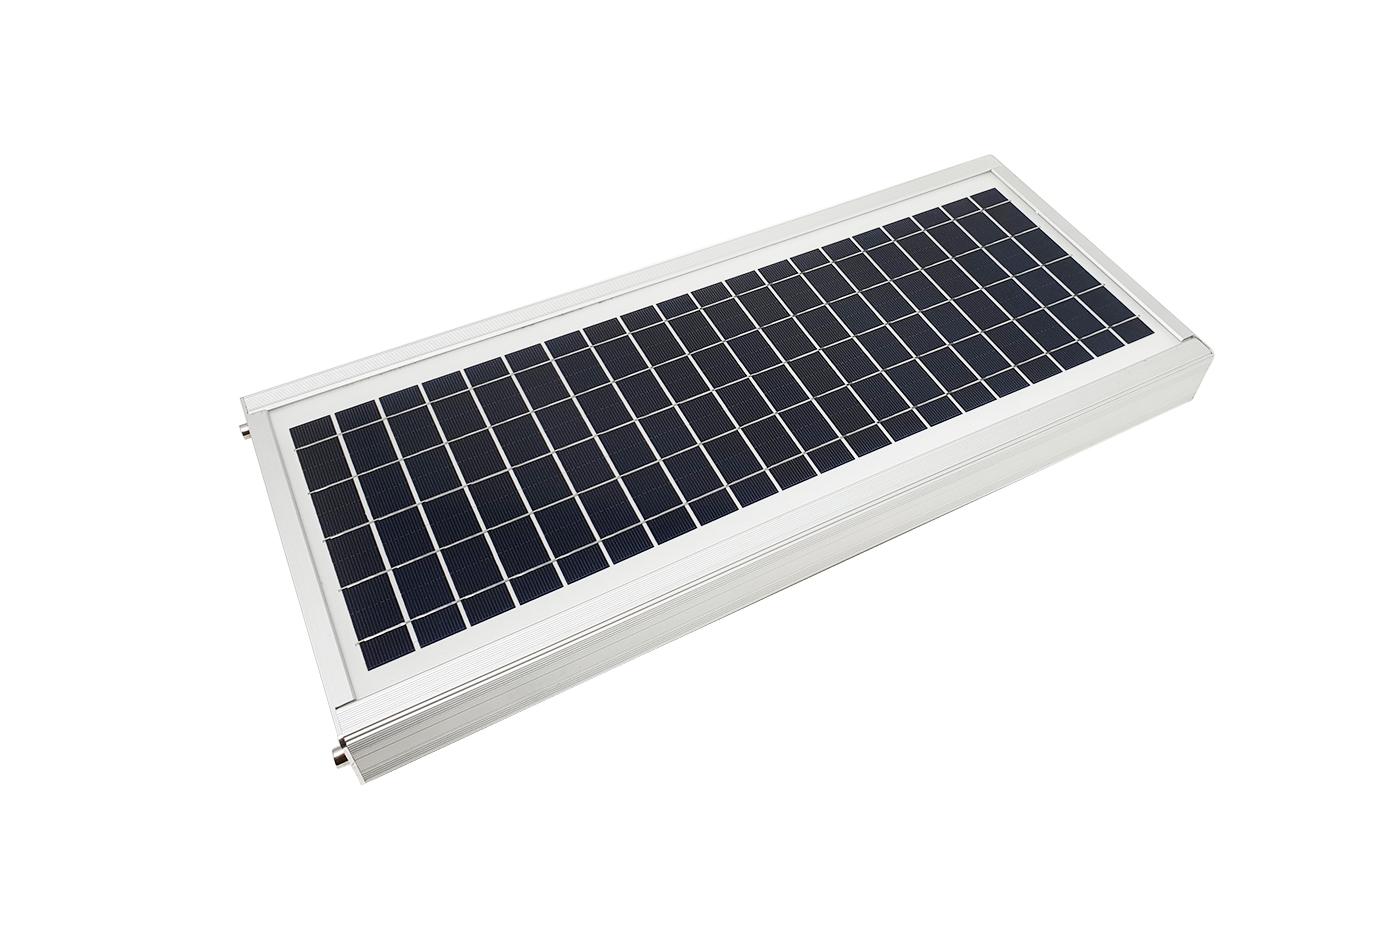 Plafoniere Per Lampioni Stradali : Bes 24432 illuminazione ad energia solare beselettronica faro